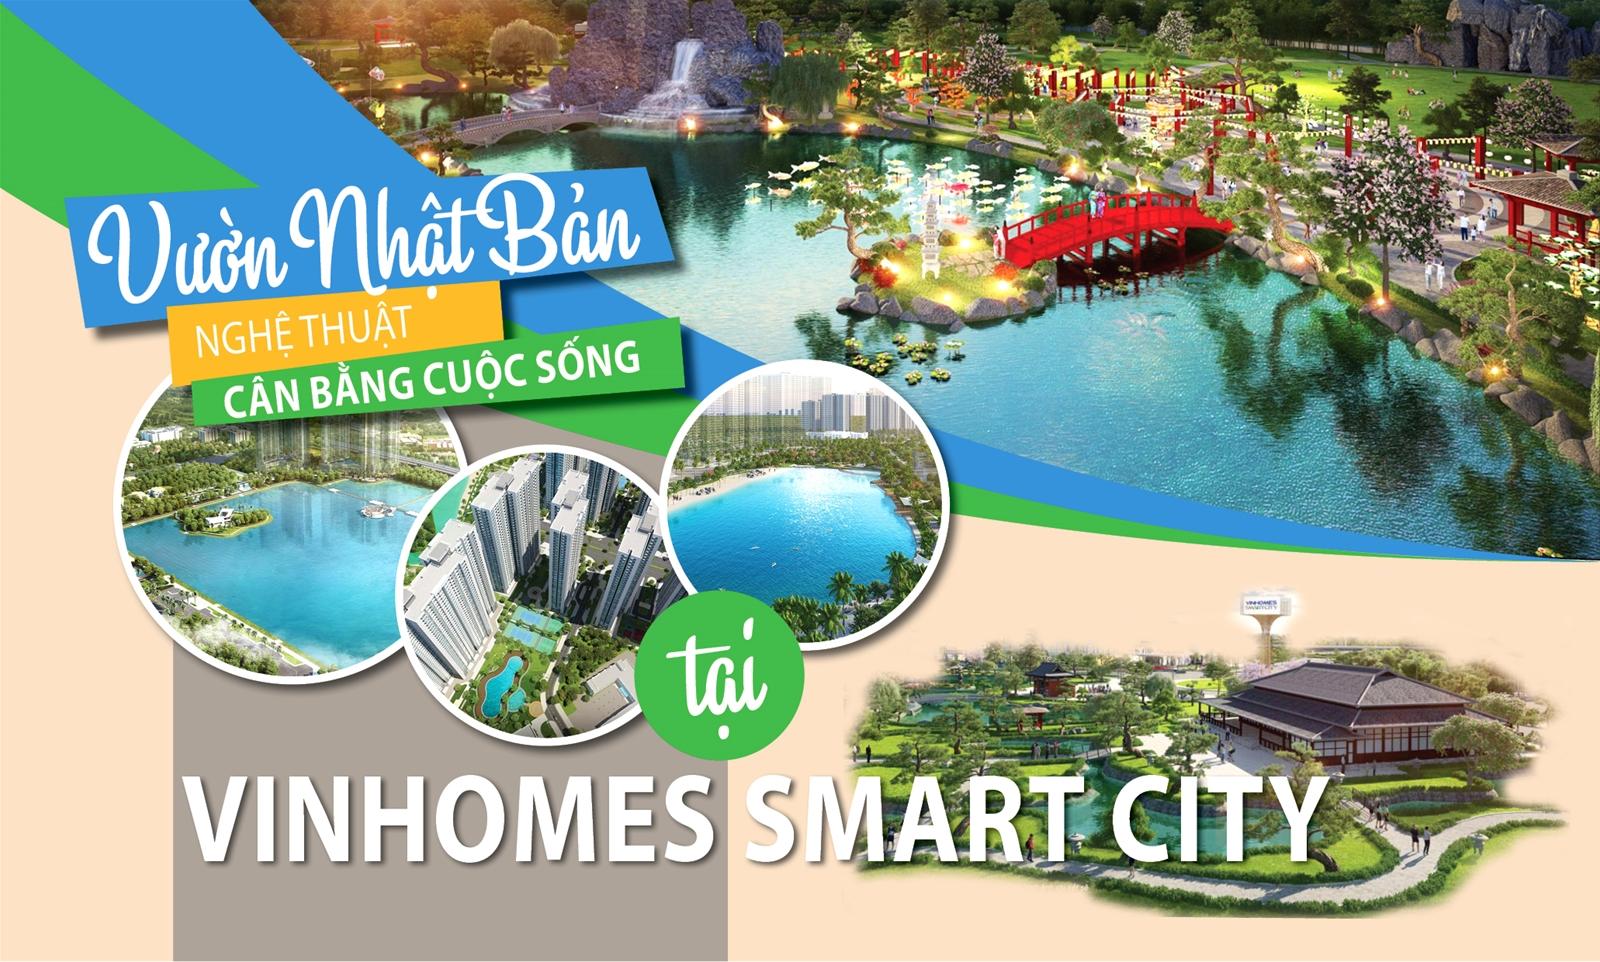 Chung cư Vinhomes Smart City Tây Mỗ